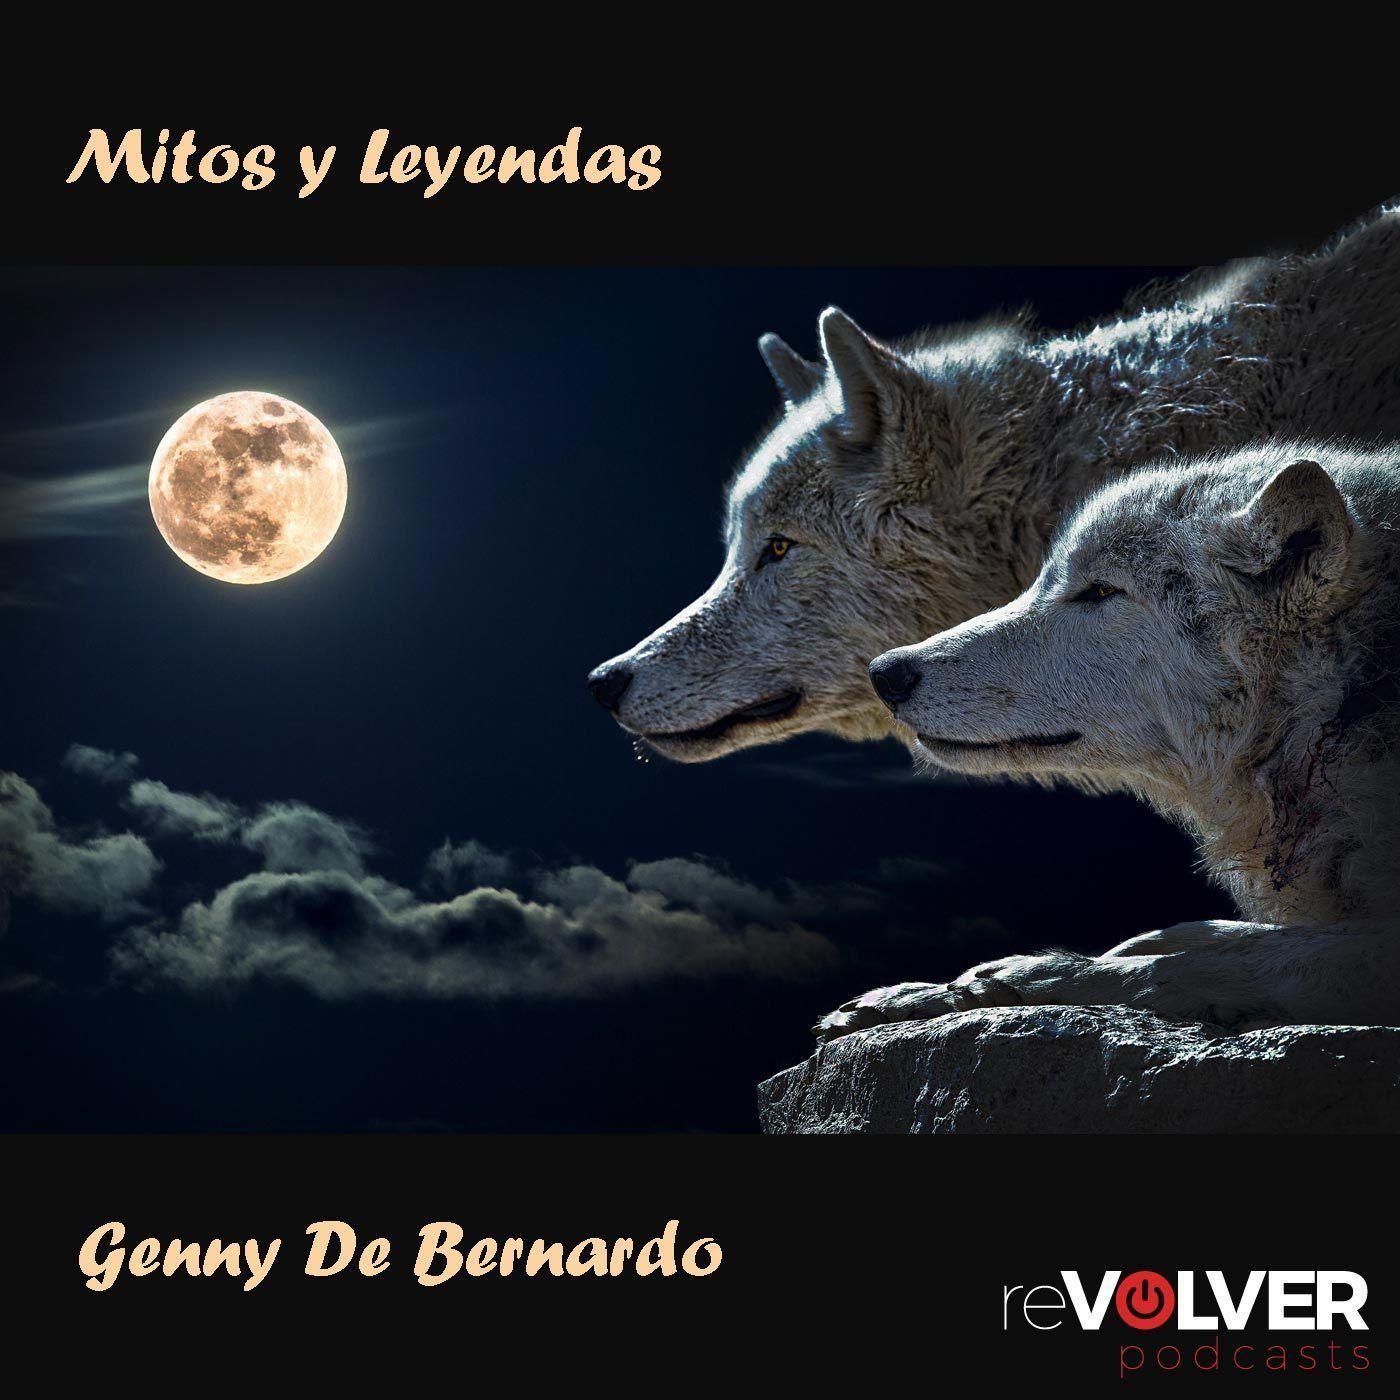 Episode 160 - Mitos y Leyendas – Leyendas Mexicanas